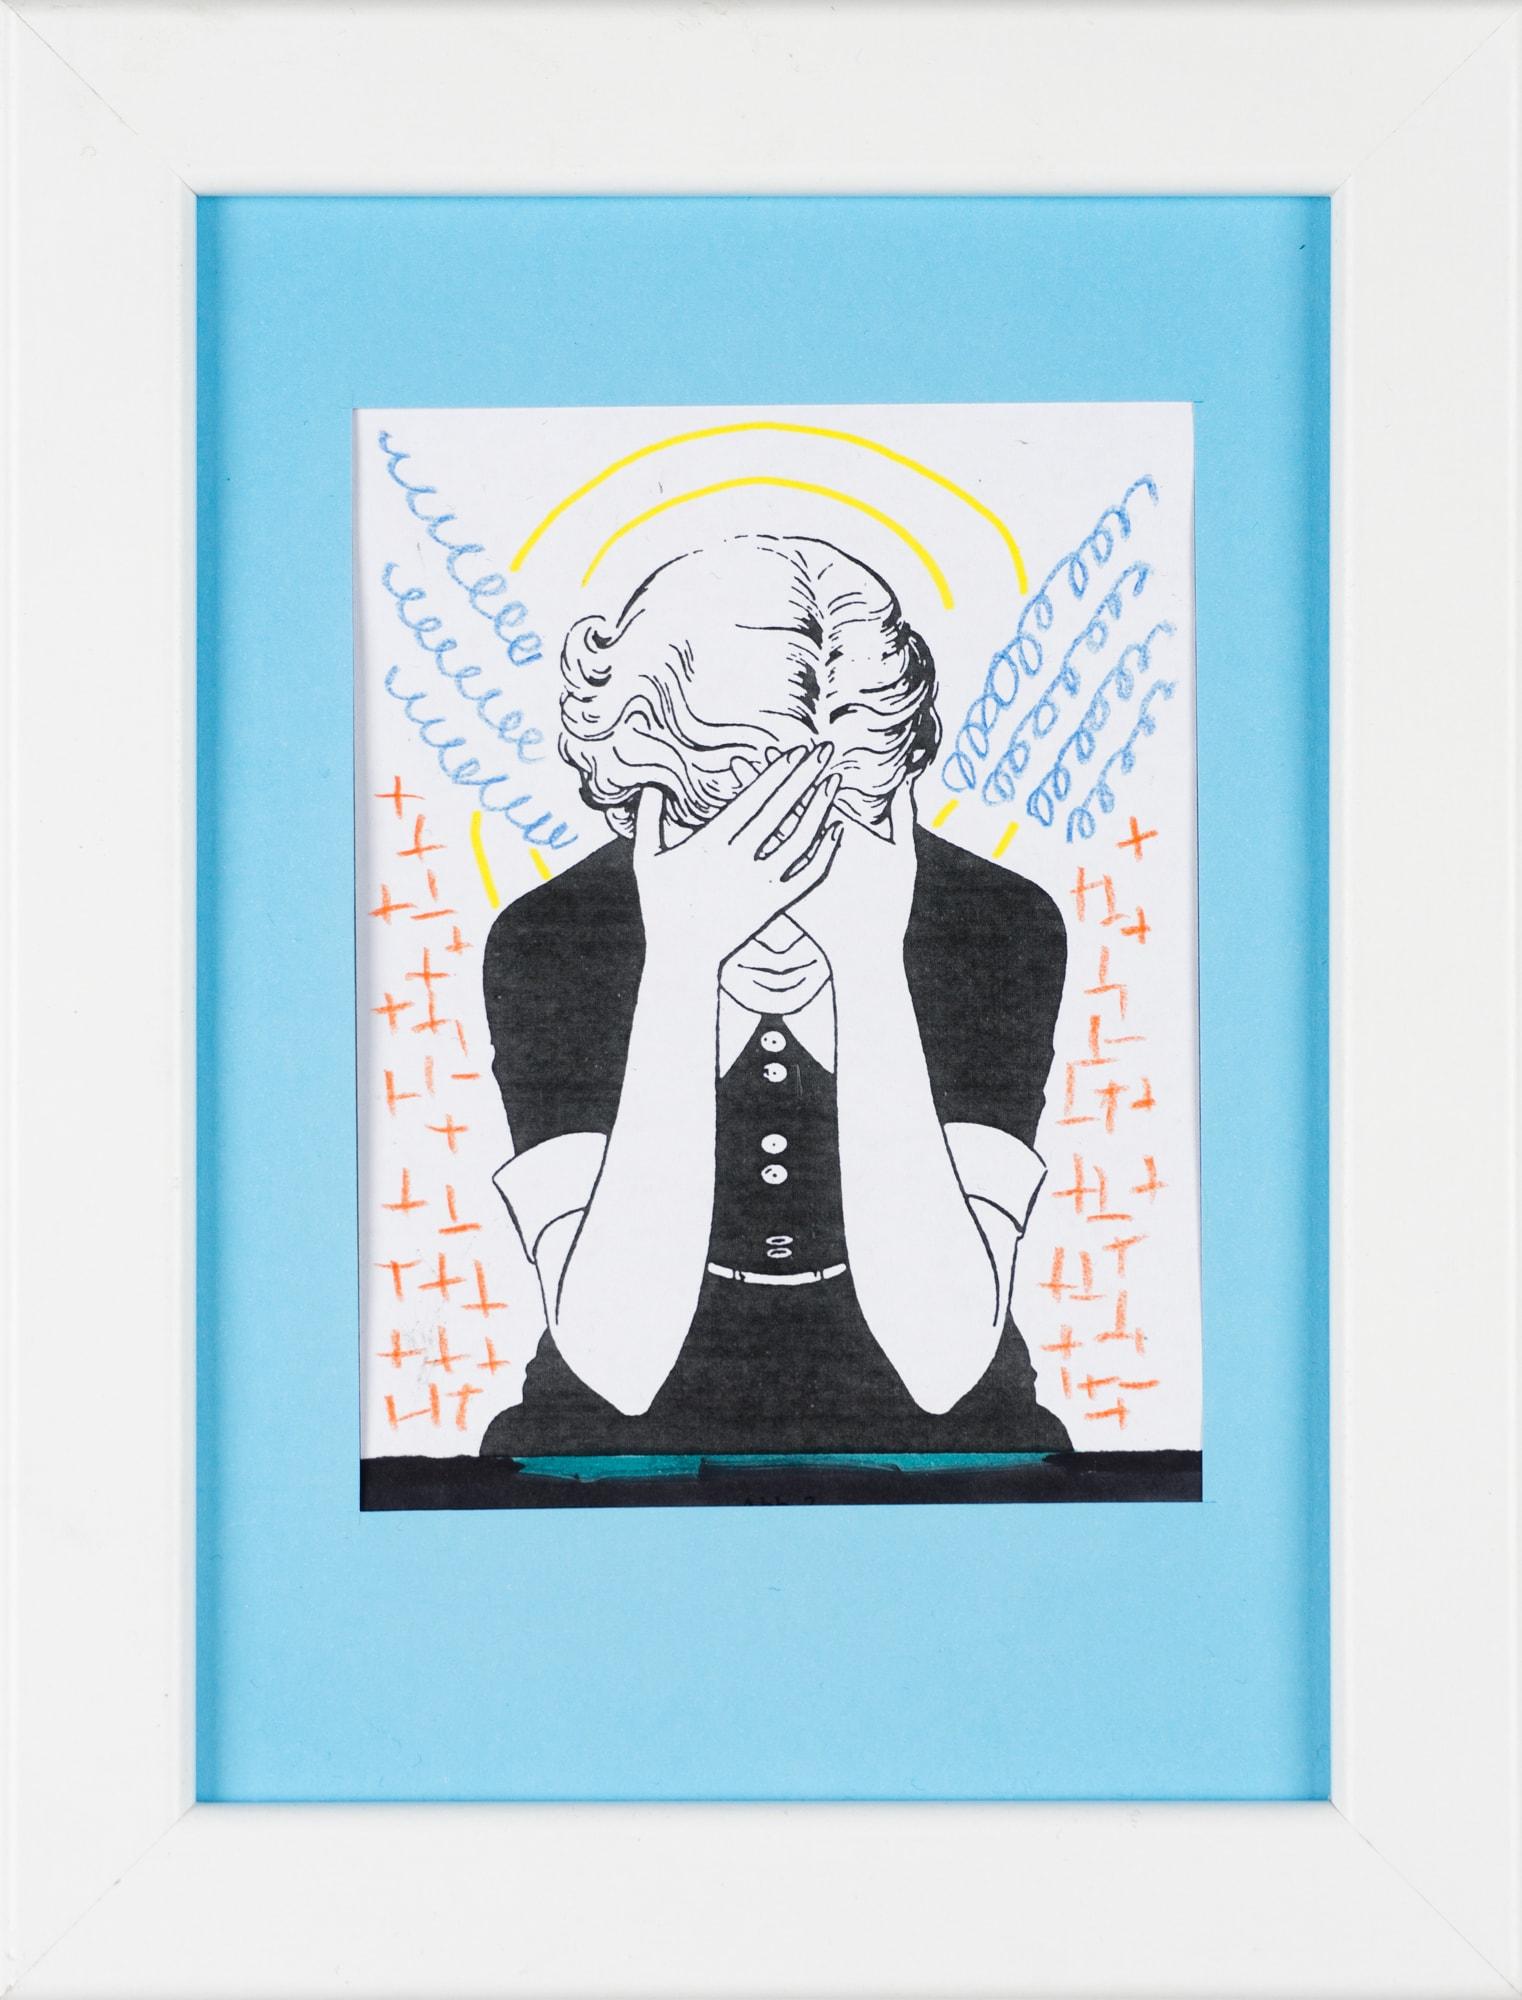 Übermalung und Mischtechnik auf Papier, 8,9x11,7cm, Originalgrafik zum gleichnamigen Booklet, Künstlerin: Franziska King